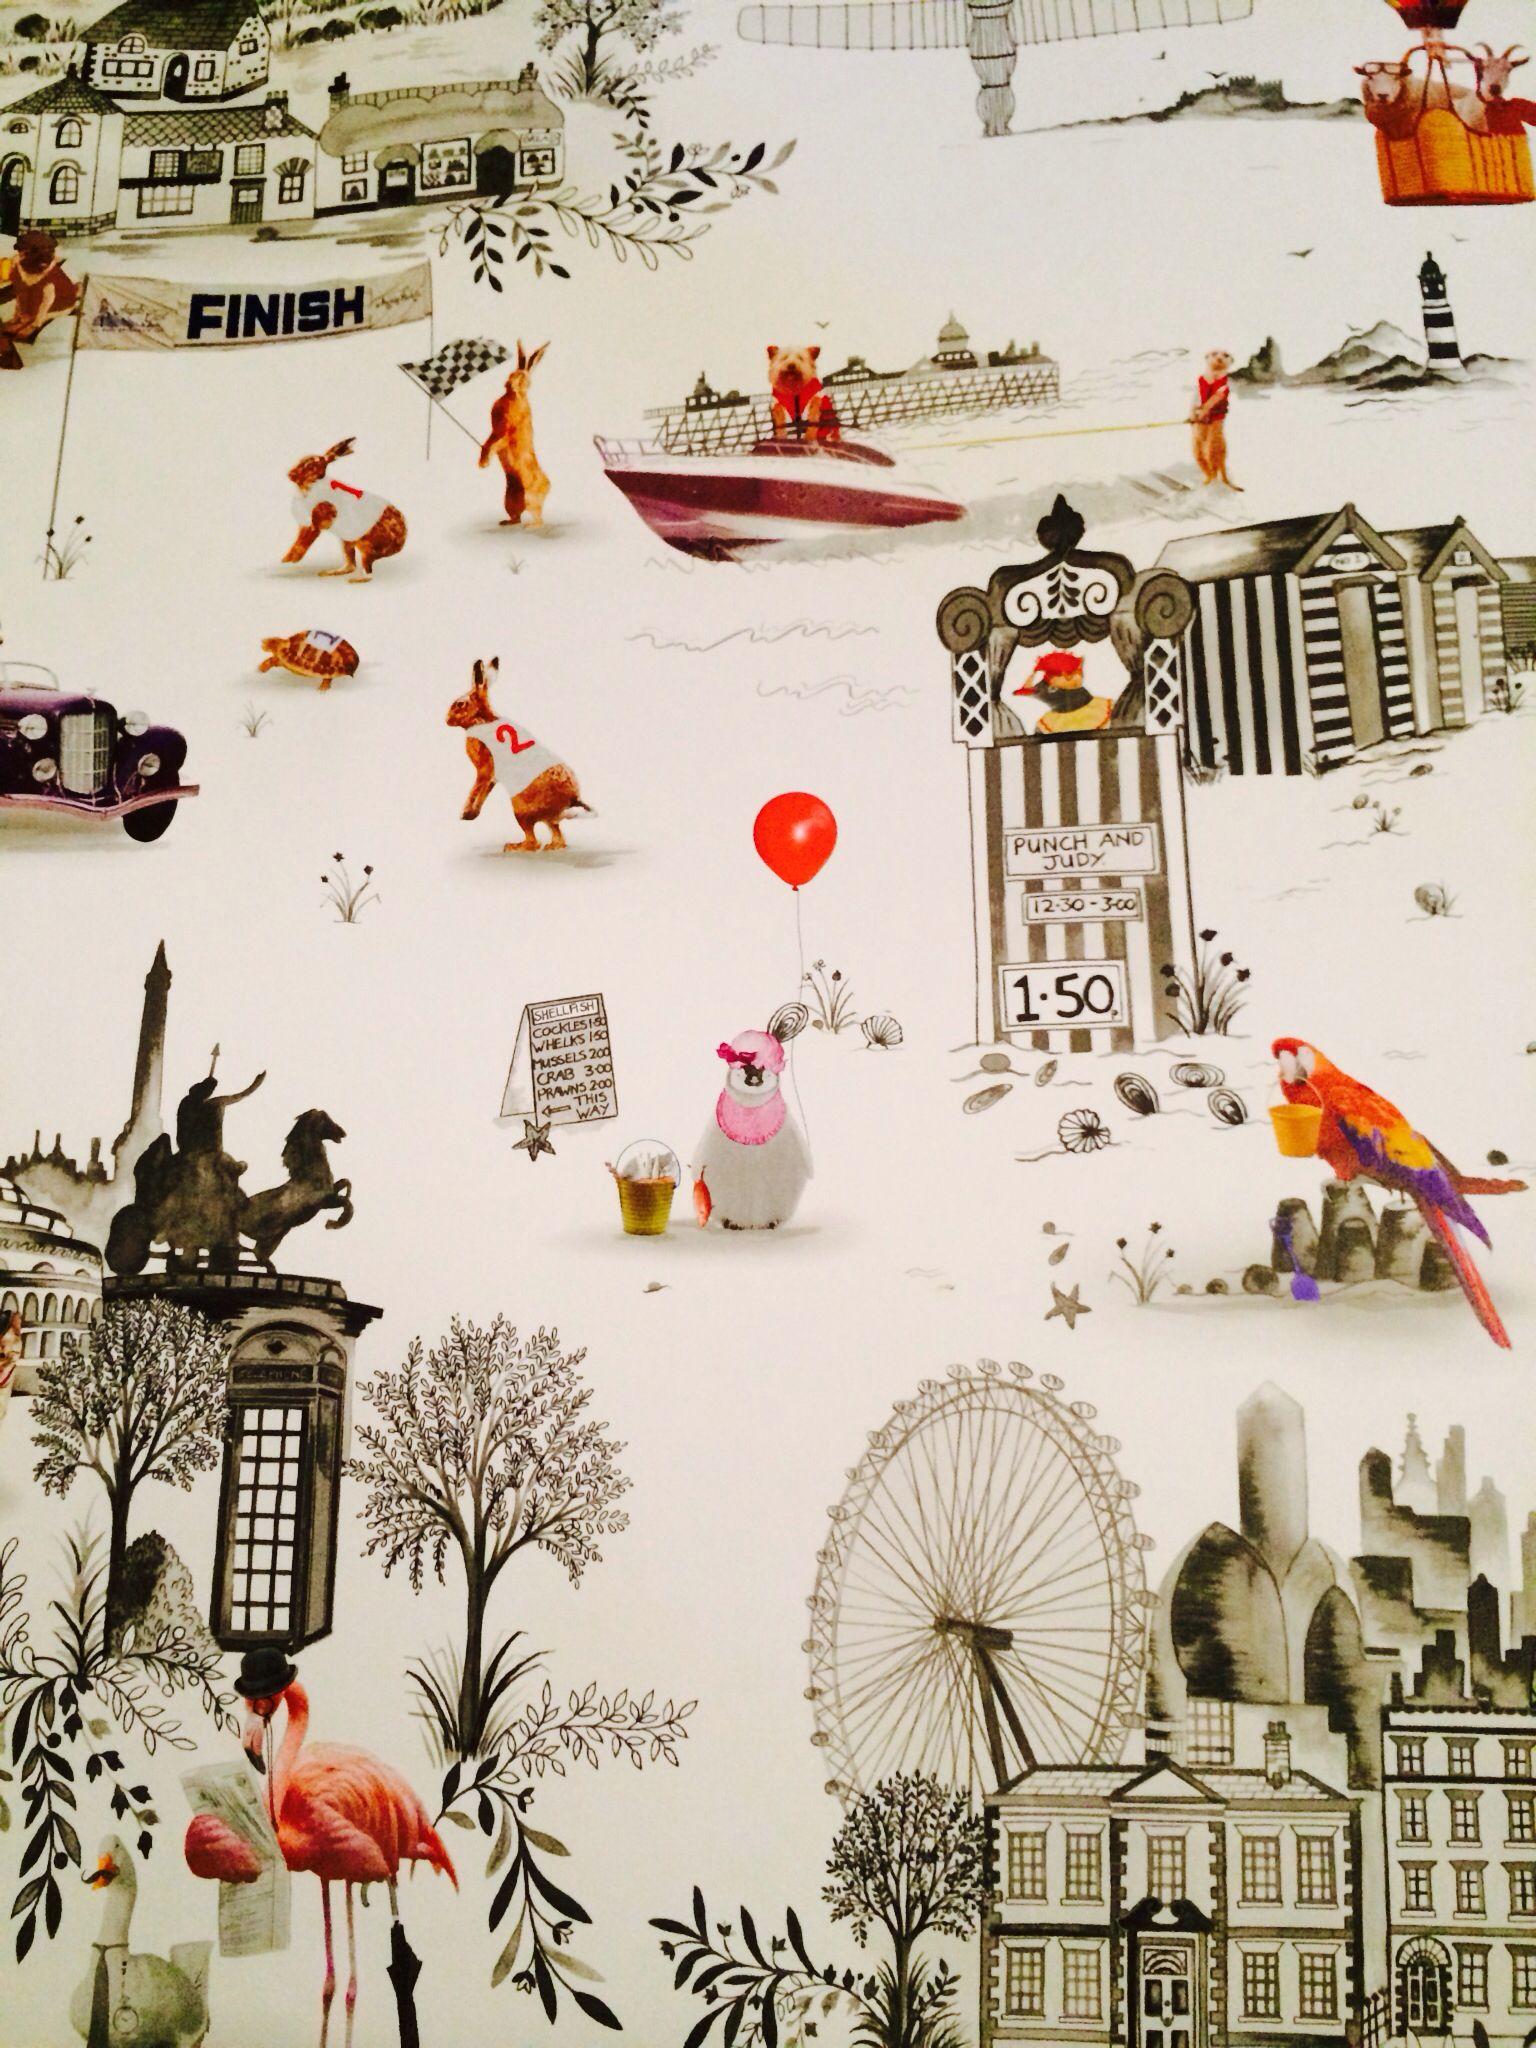 B Q wallpaper  Porteous IdeasAspiring Bedrooms. B Q wallpaper   New house ideas   Pinterest   Wallpapers